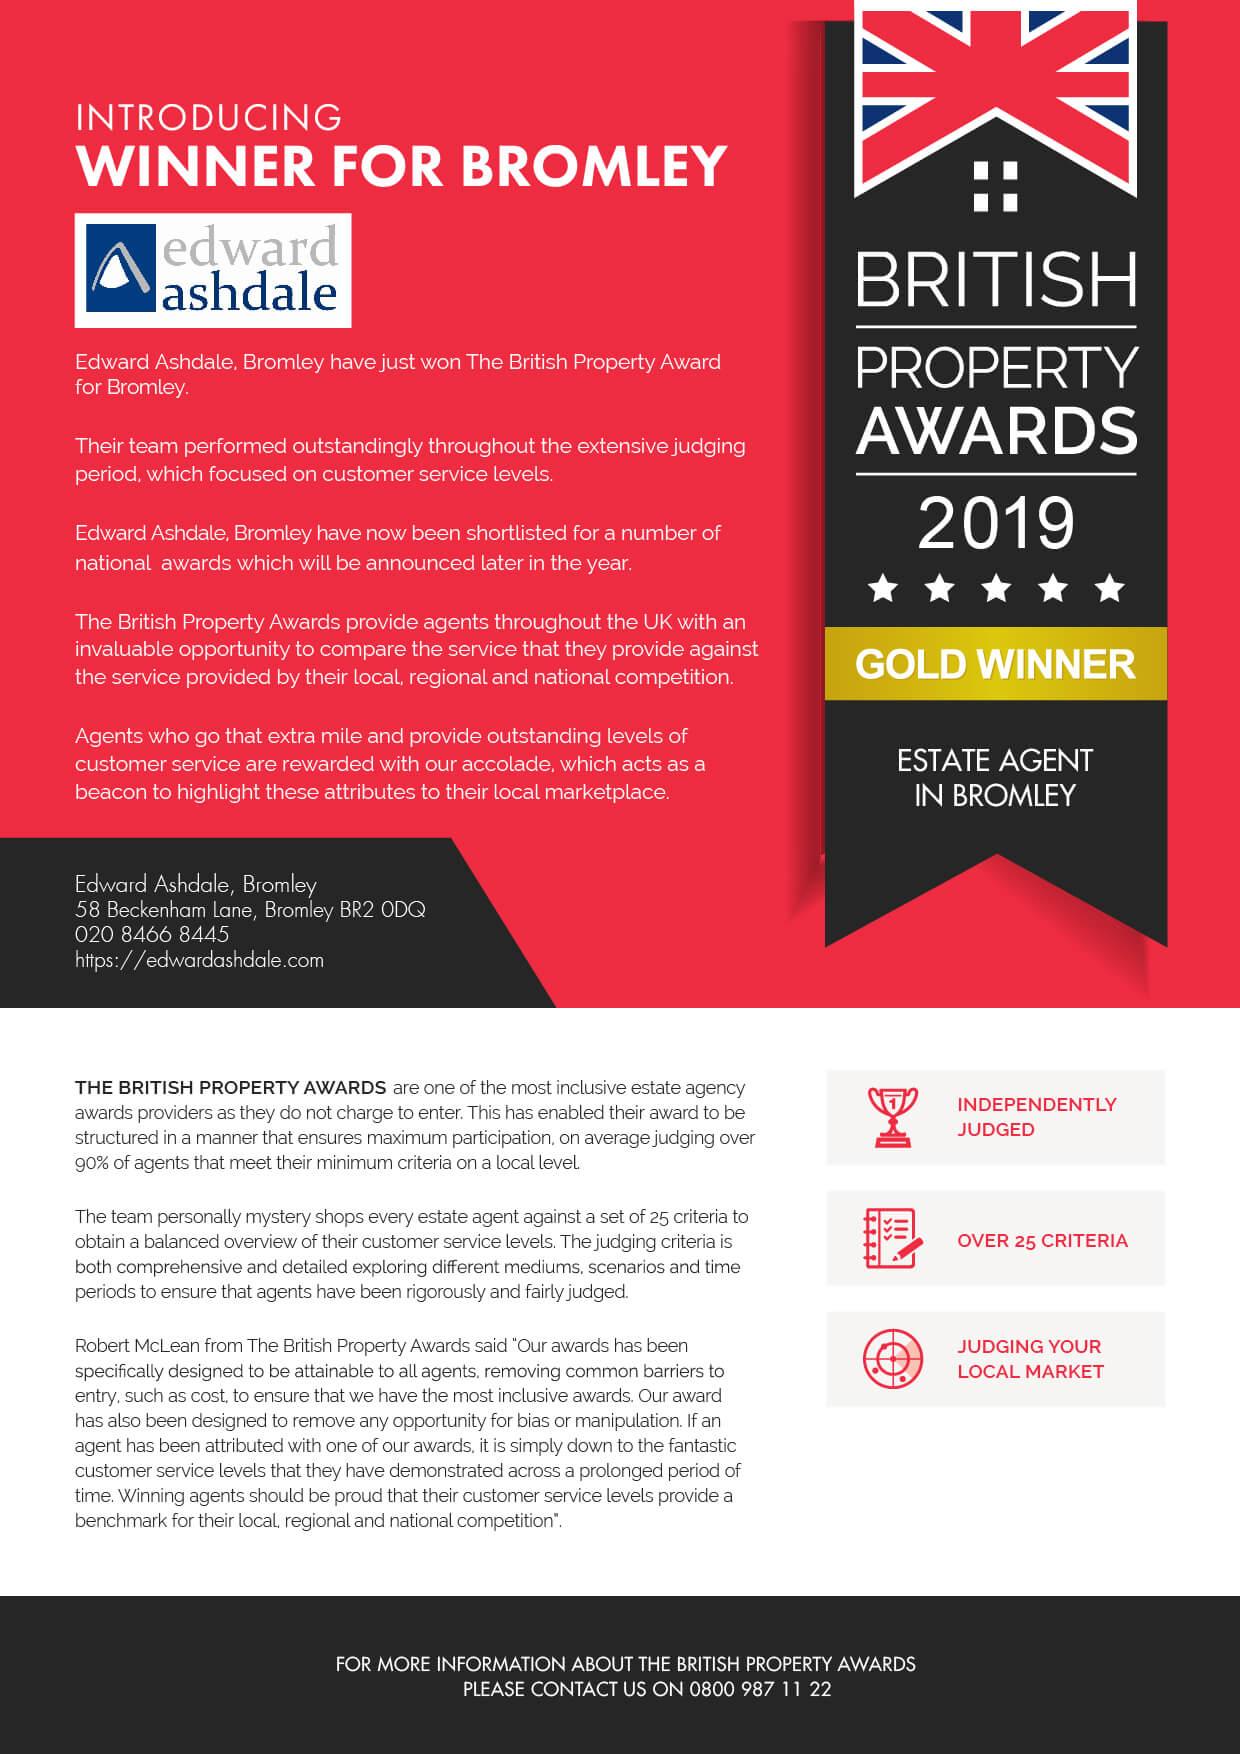 British Property Awards 2019